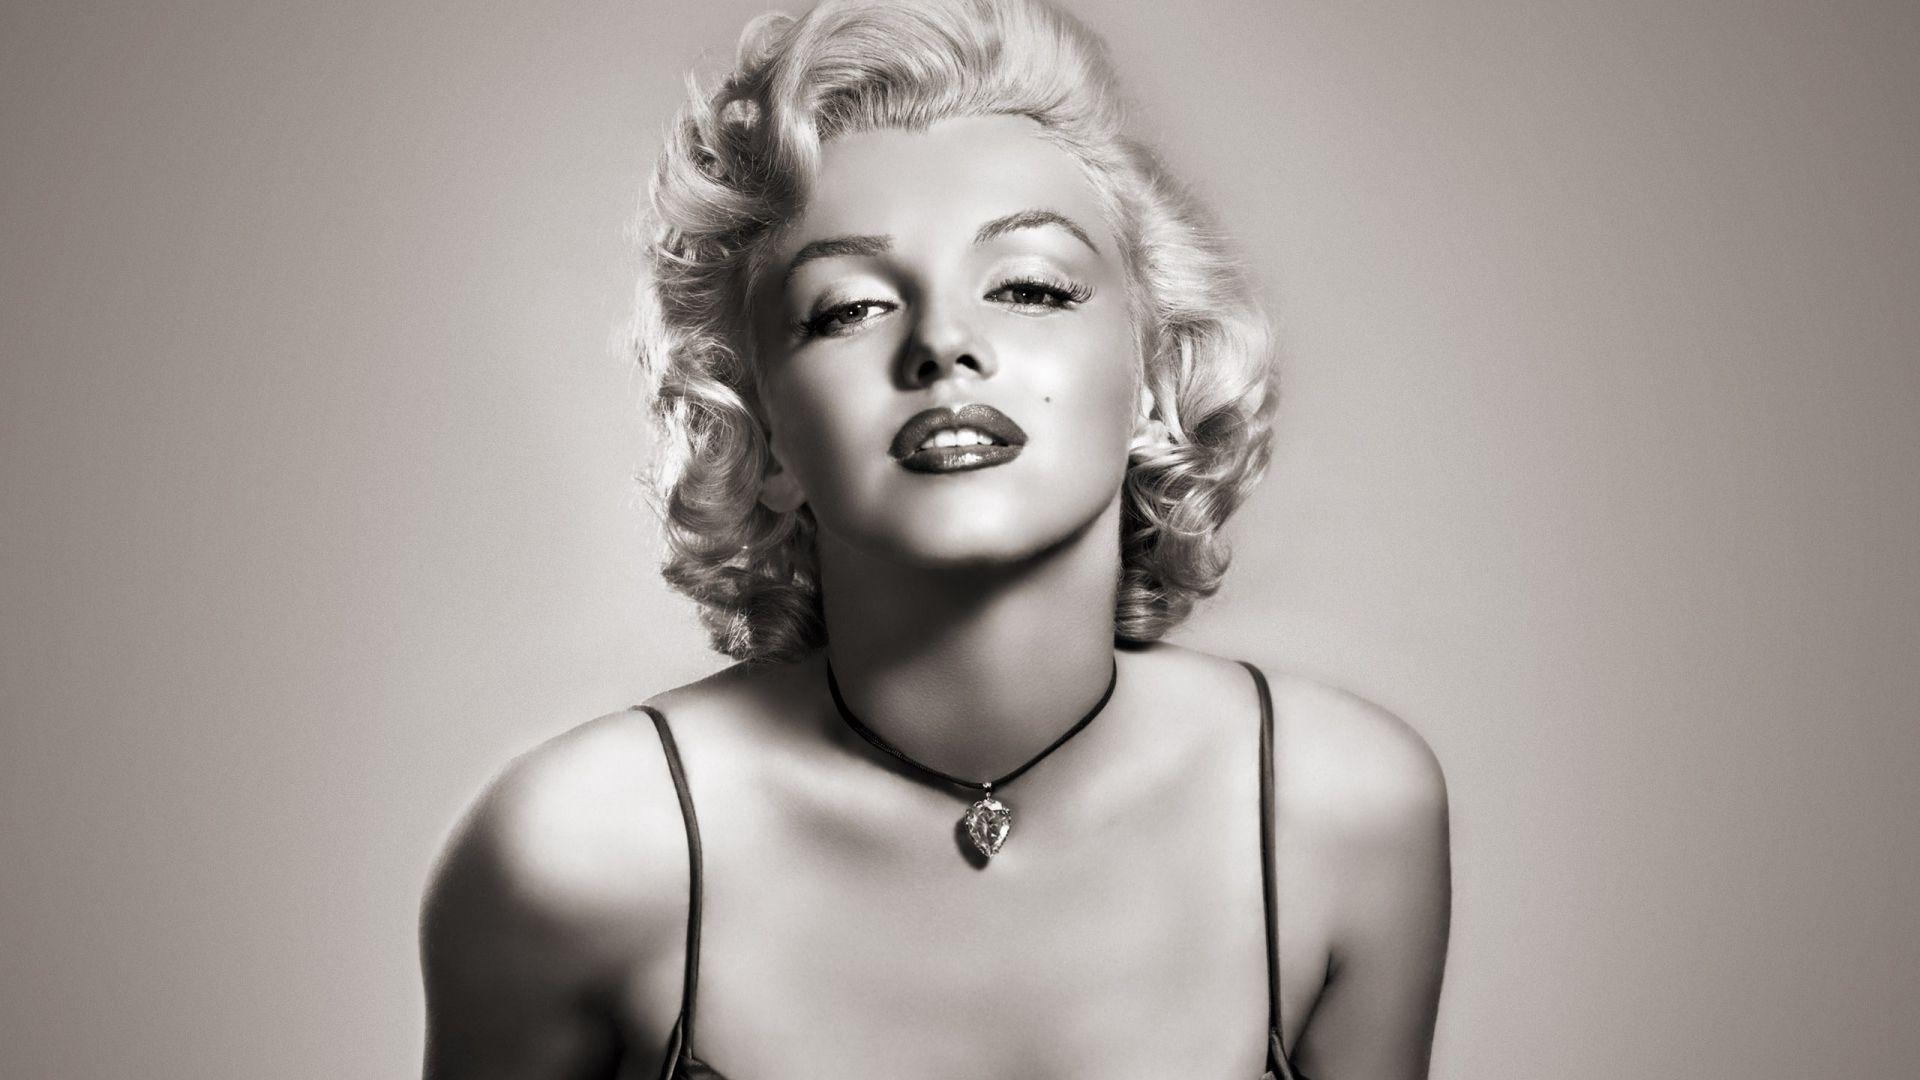 Marilyn_Monroe_-_fond_ecran_HD.jpg